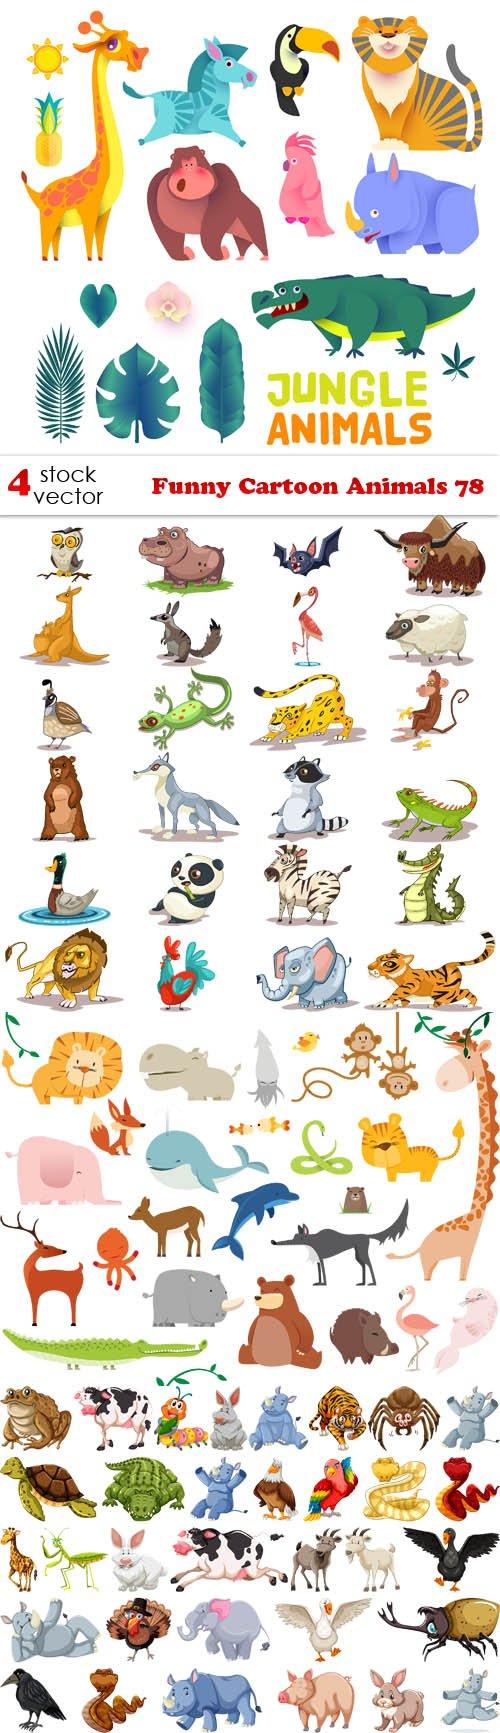 Vectors - Funny Cartoon Animals 78